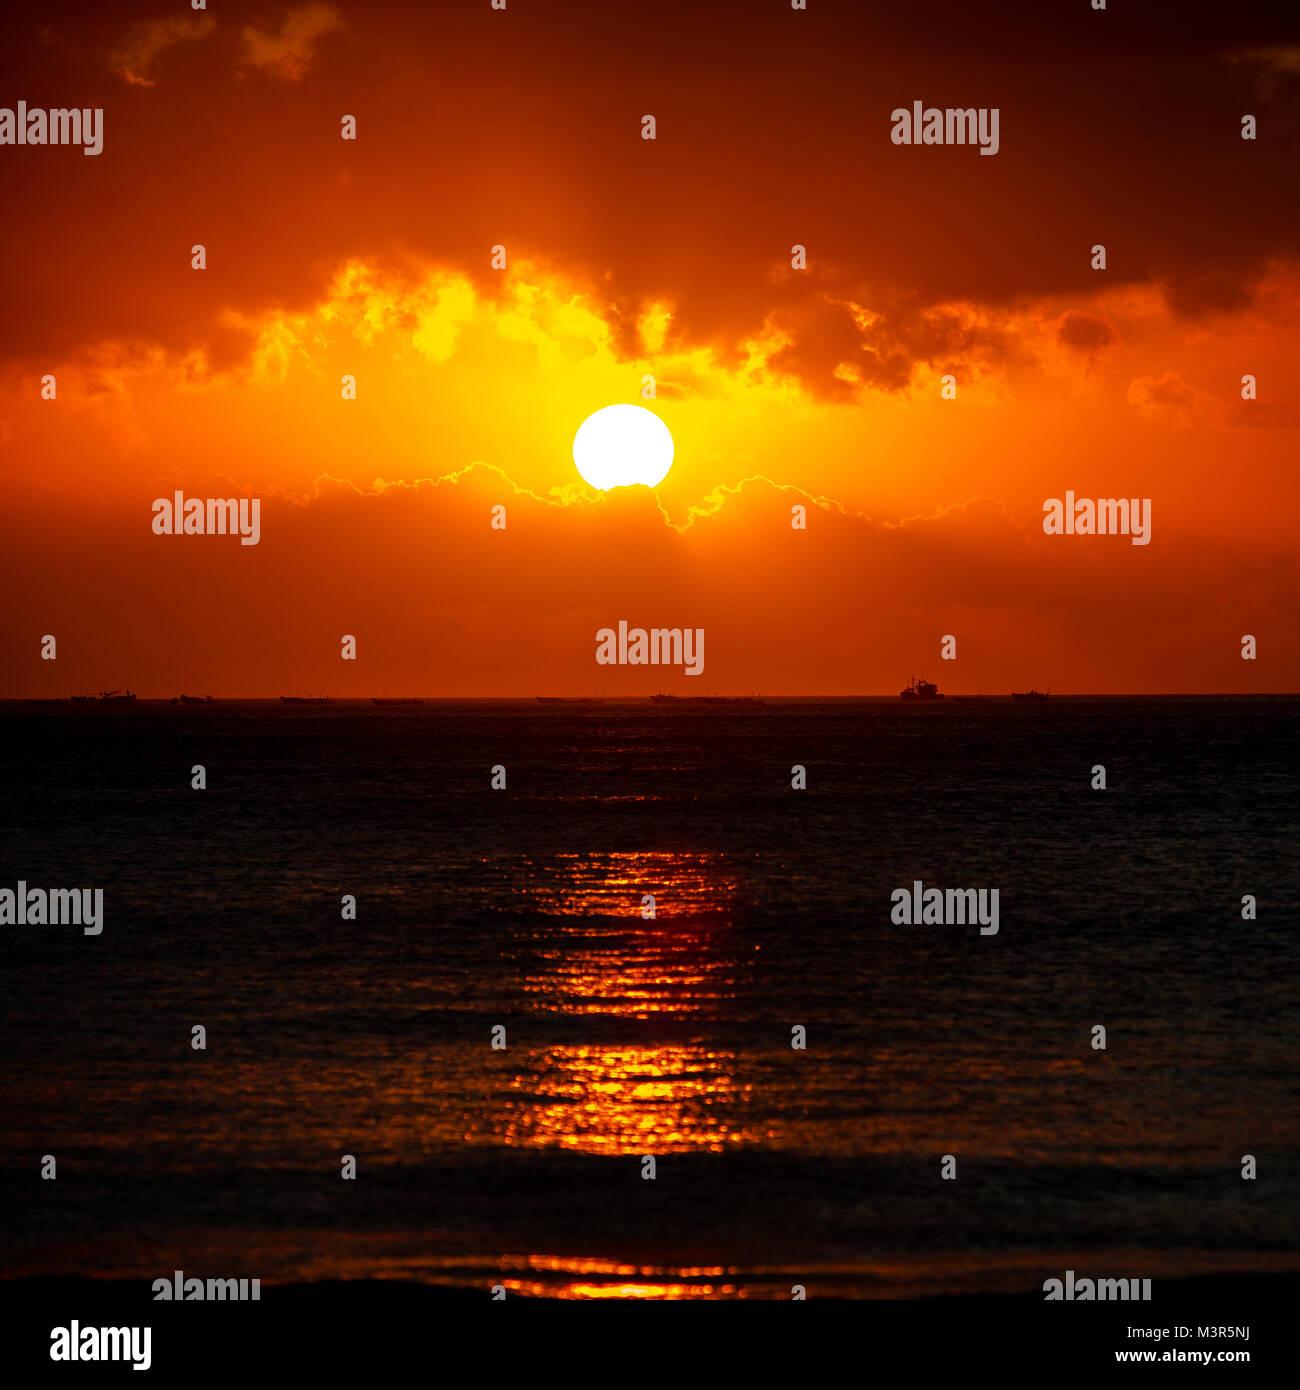 Sunset at Kuta Beach, Bali Indonesia Stock Photo